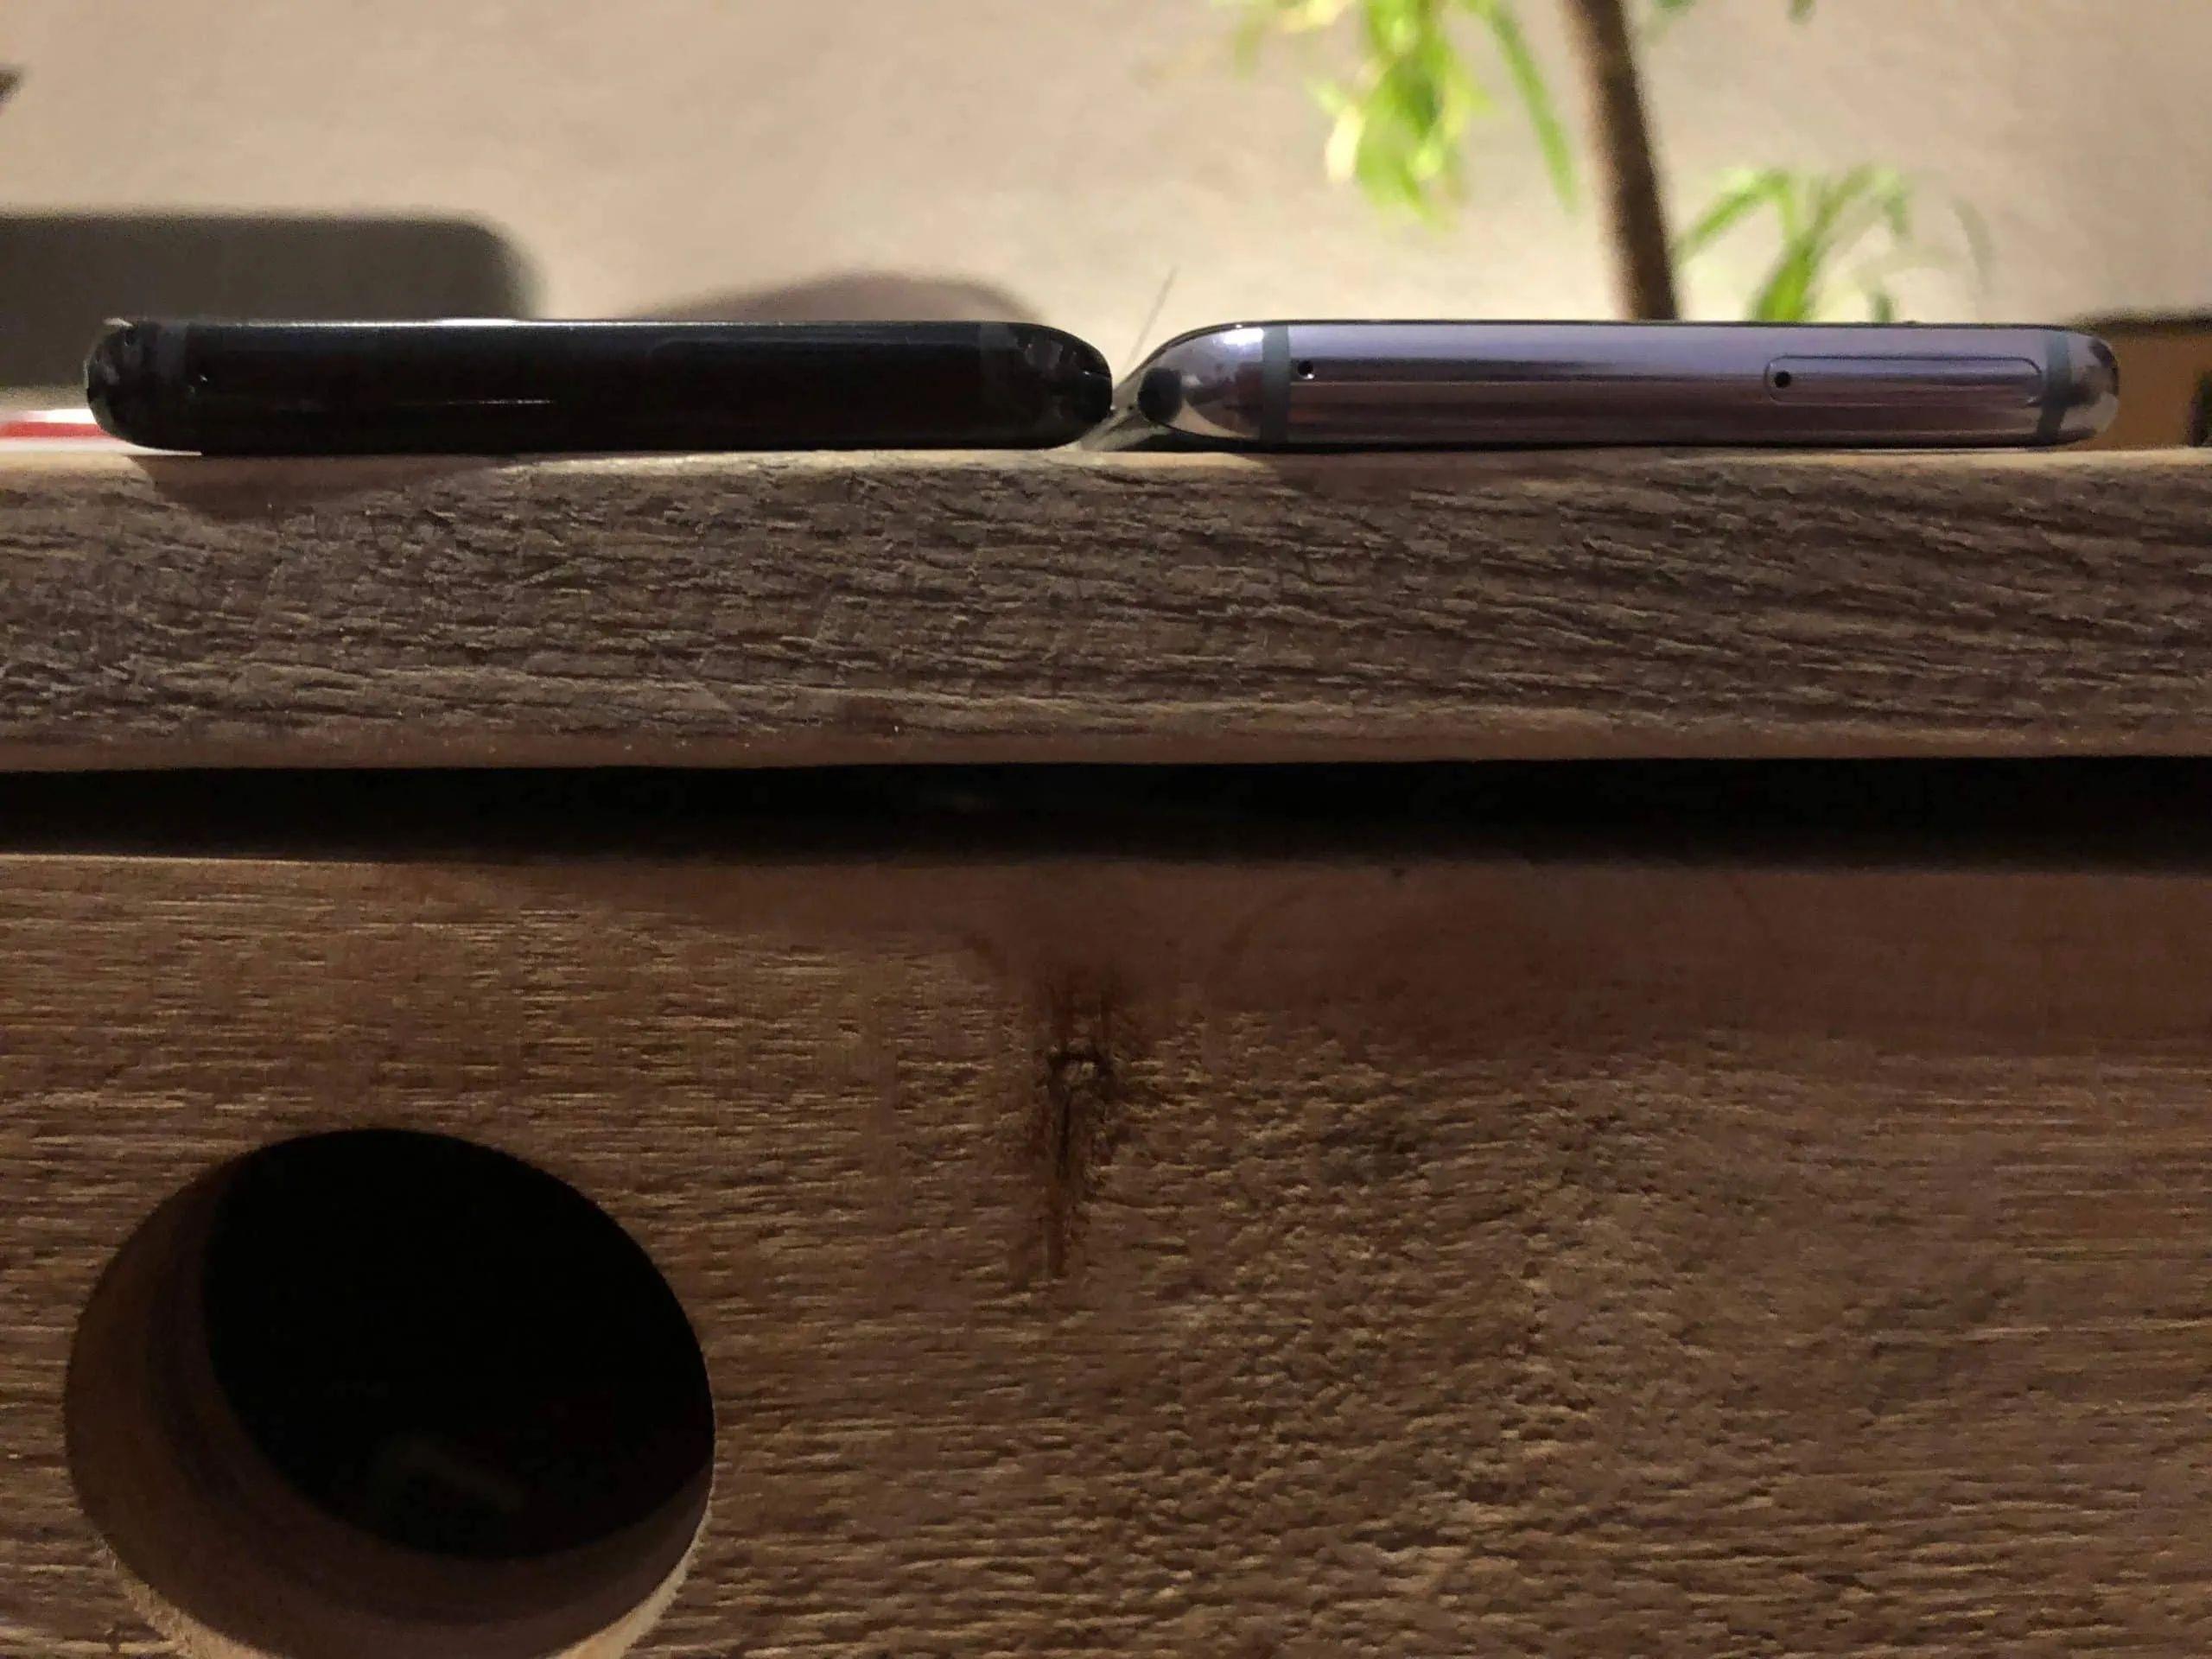 Samsung Galaxy S9 Test: Einfach besser techboys.de • smarte News, auf den Punkt!